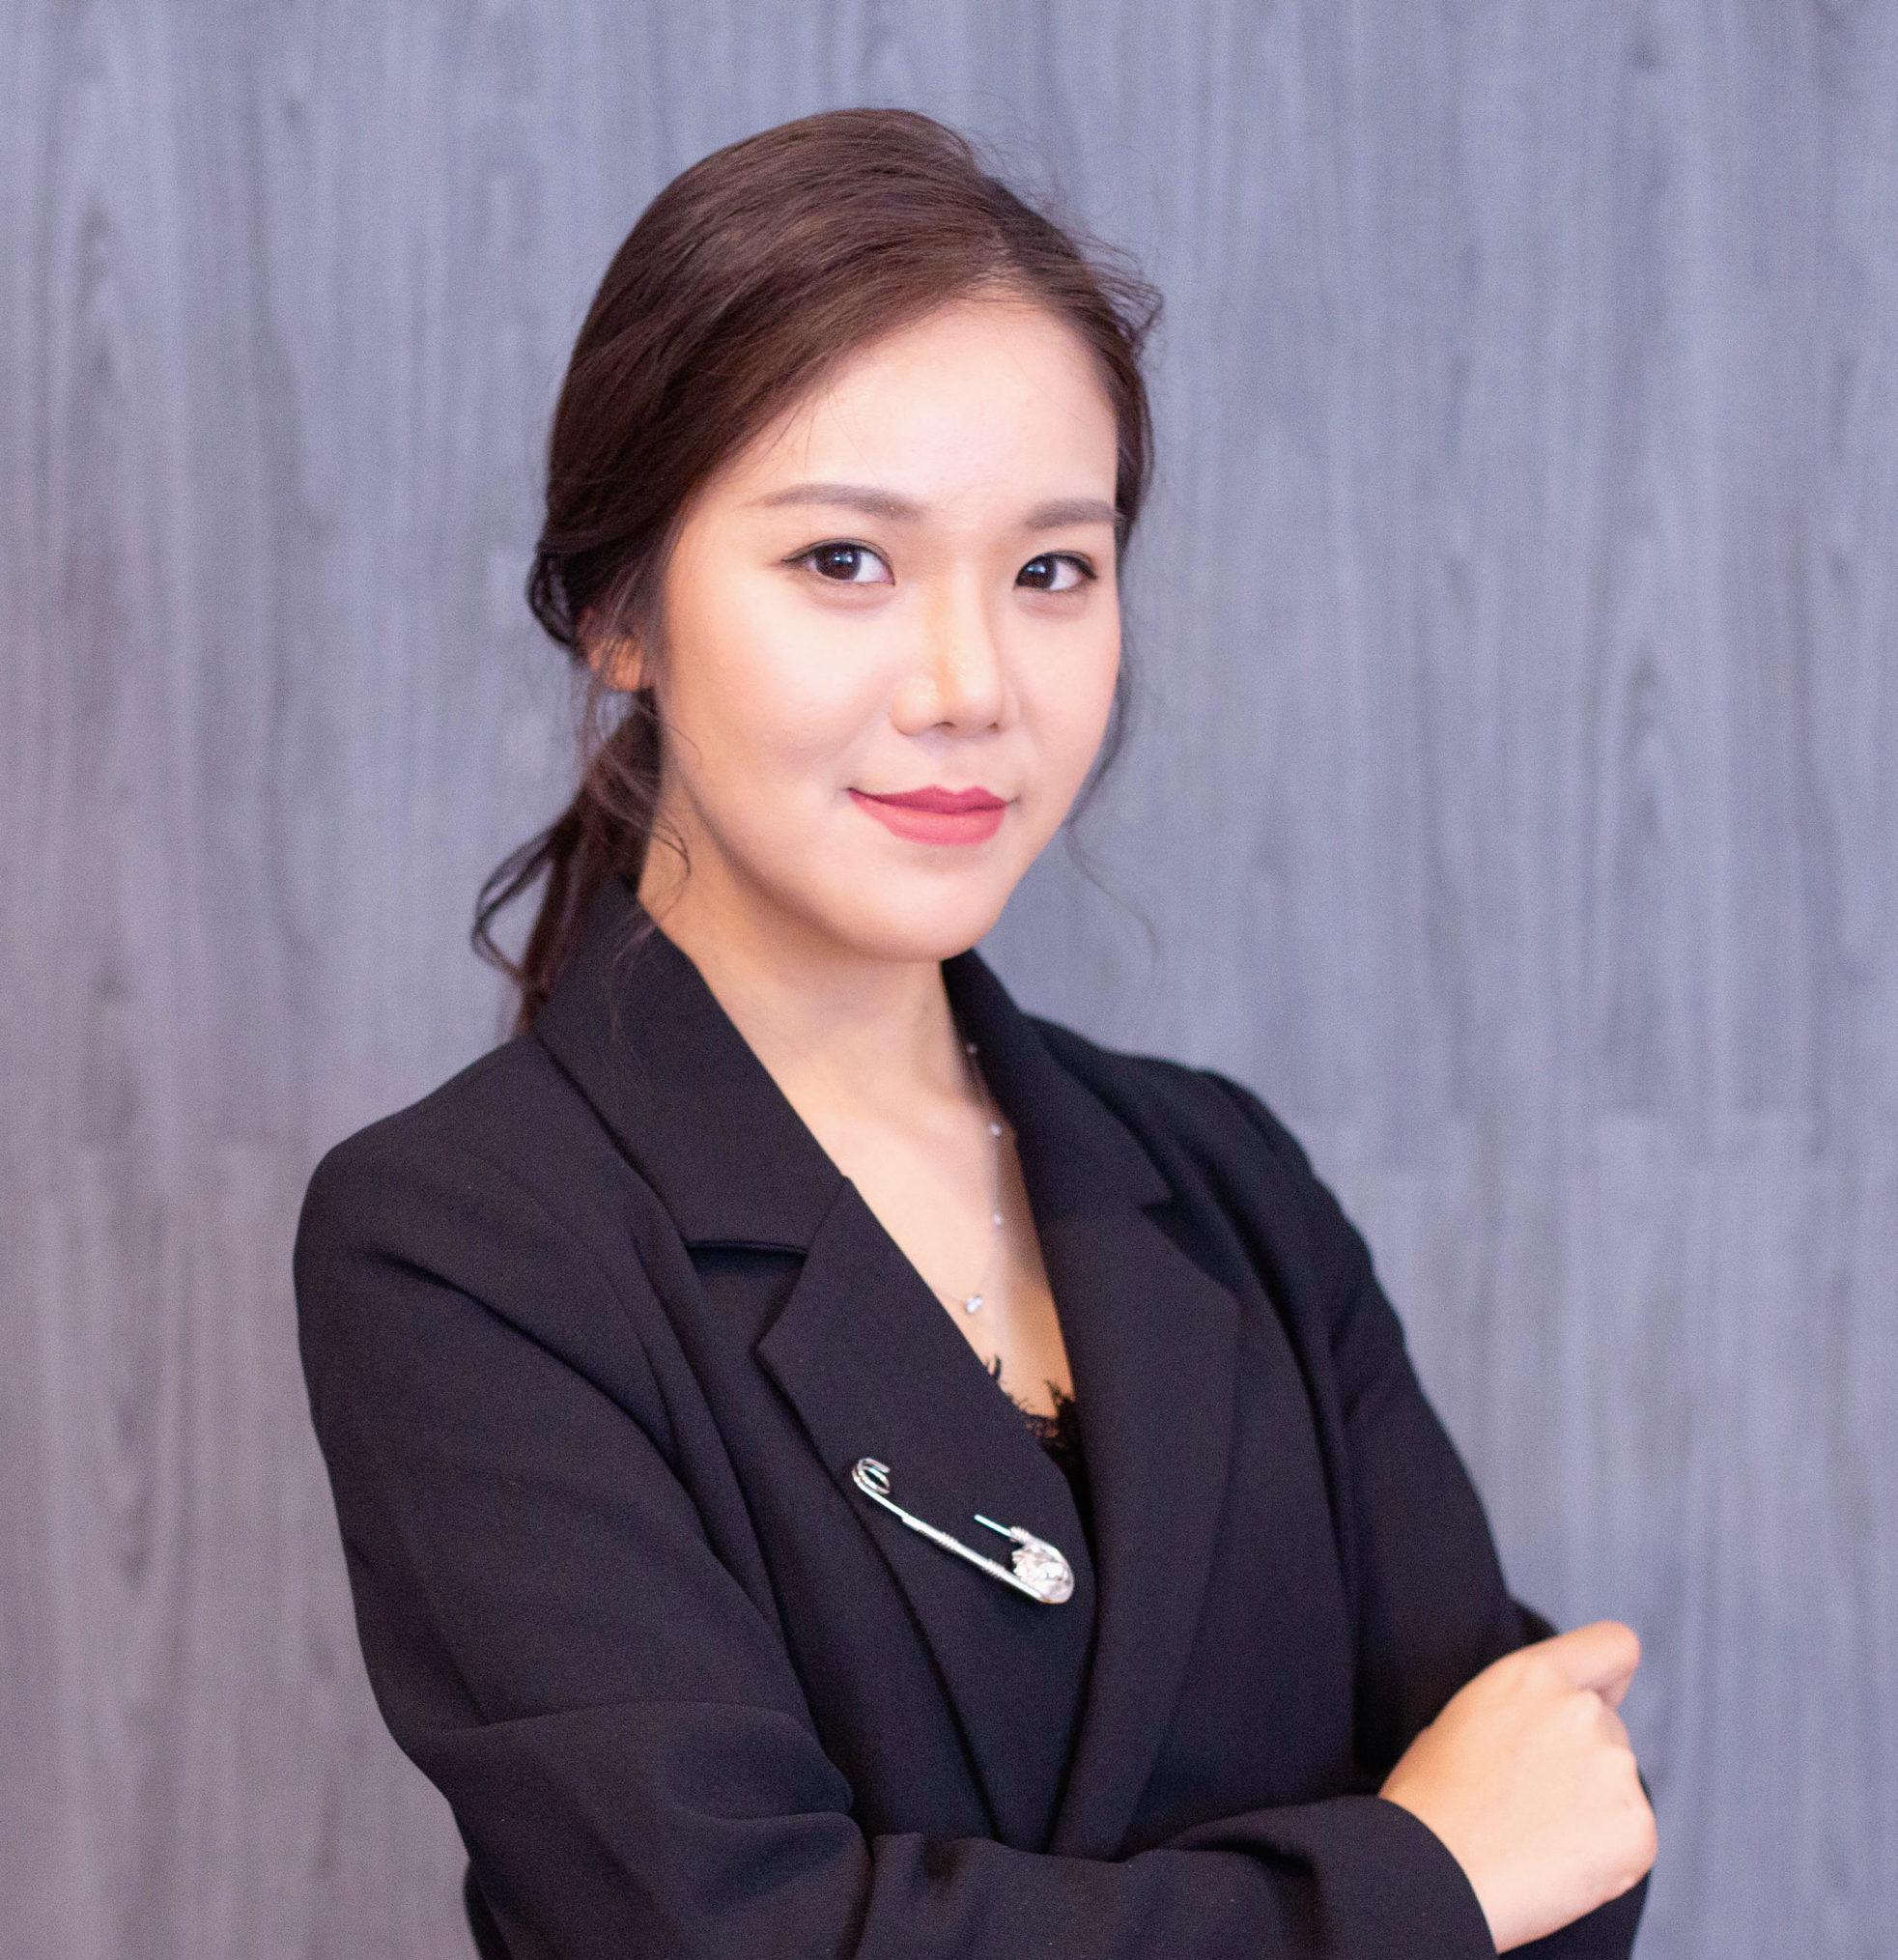 Mina Vu